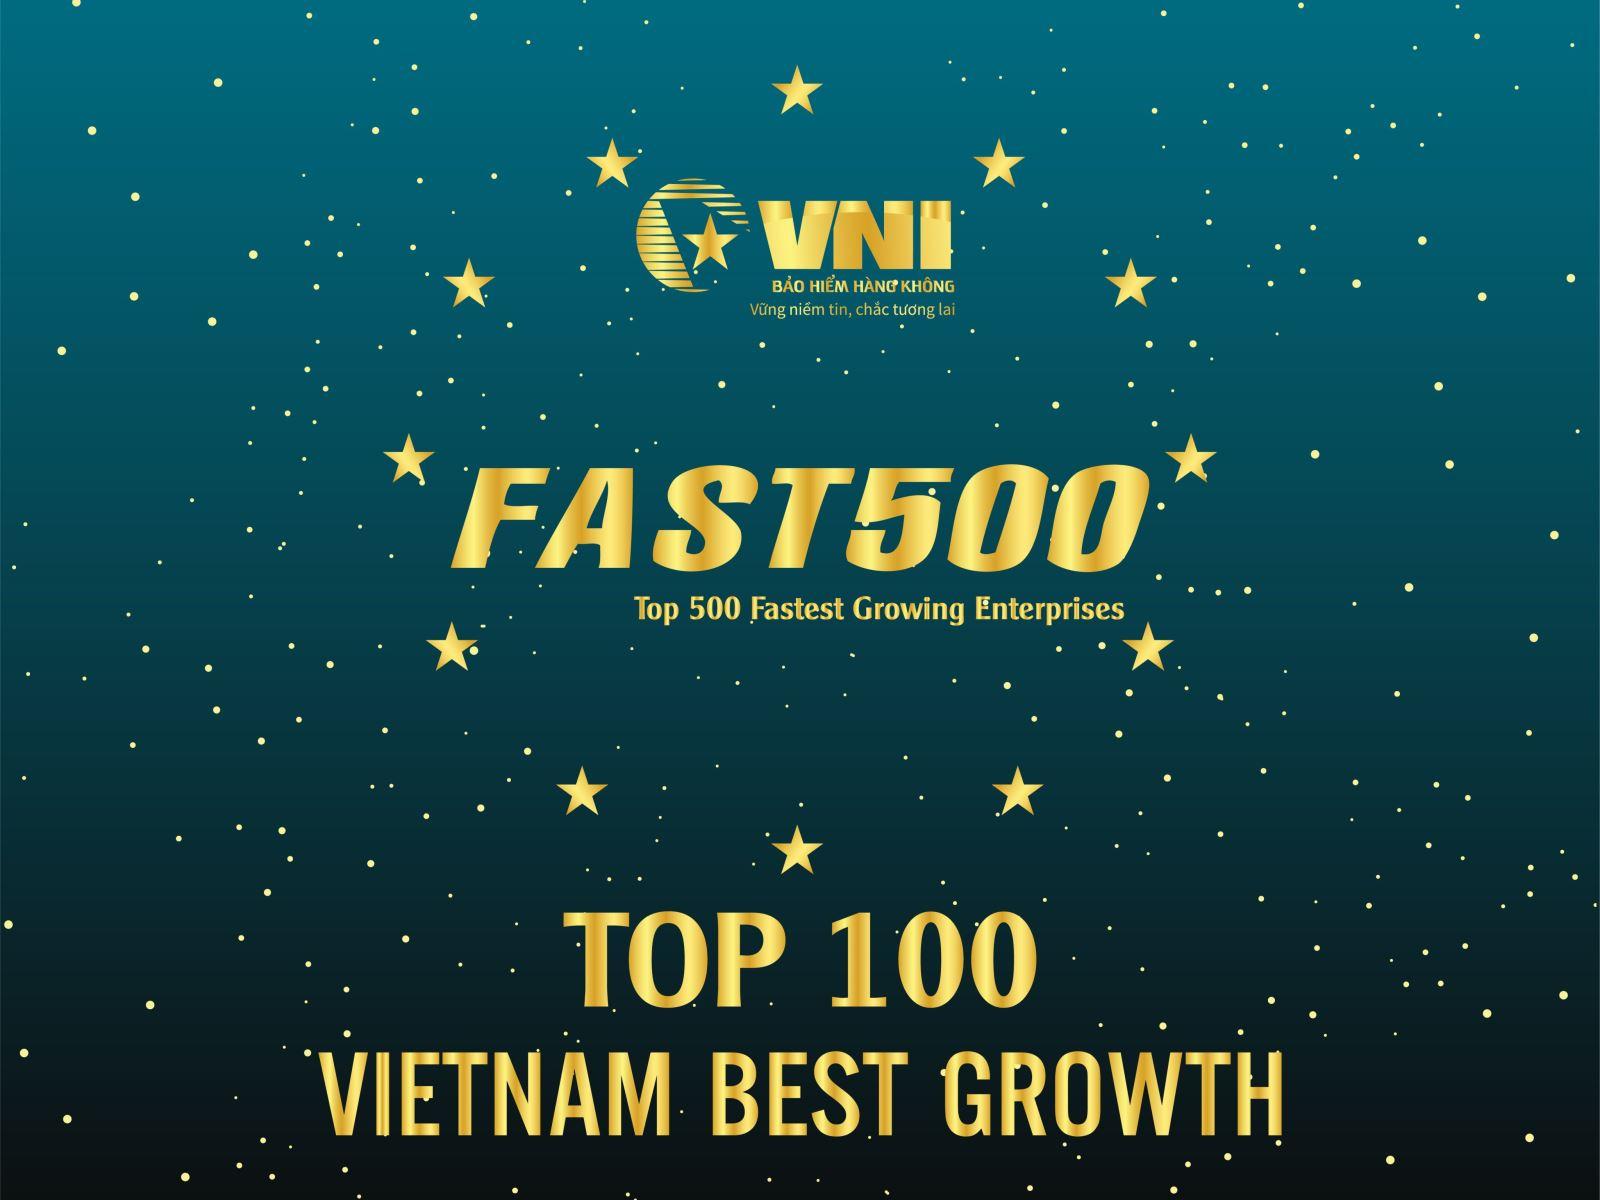 Bảo hiểm Hàng không (VNI) trong TOP 500 Doanh nghiệp tăng trưởng nhanh nhất Việt Nam